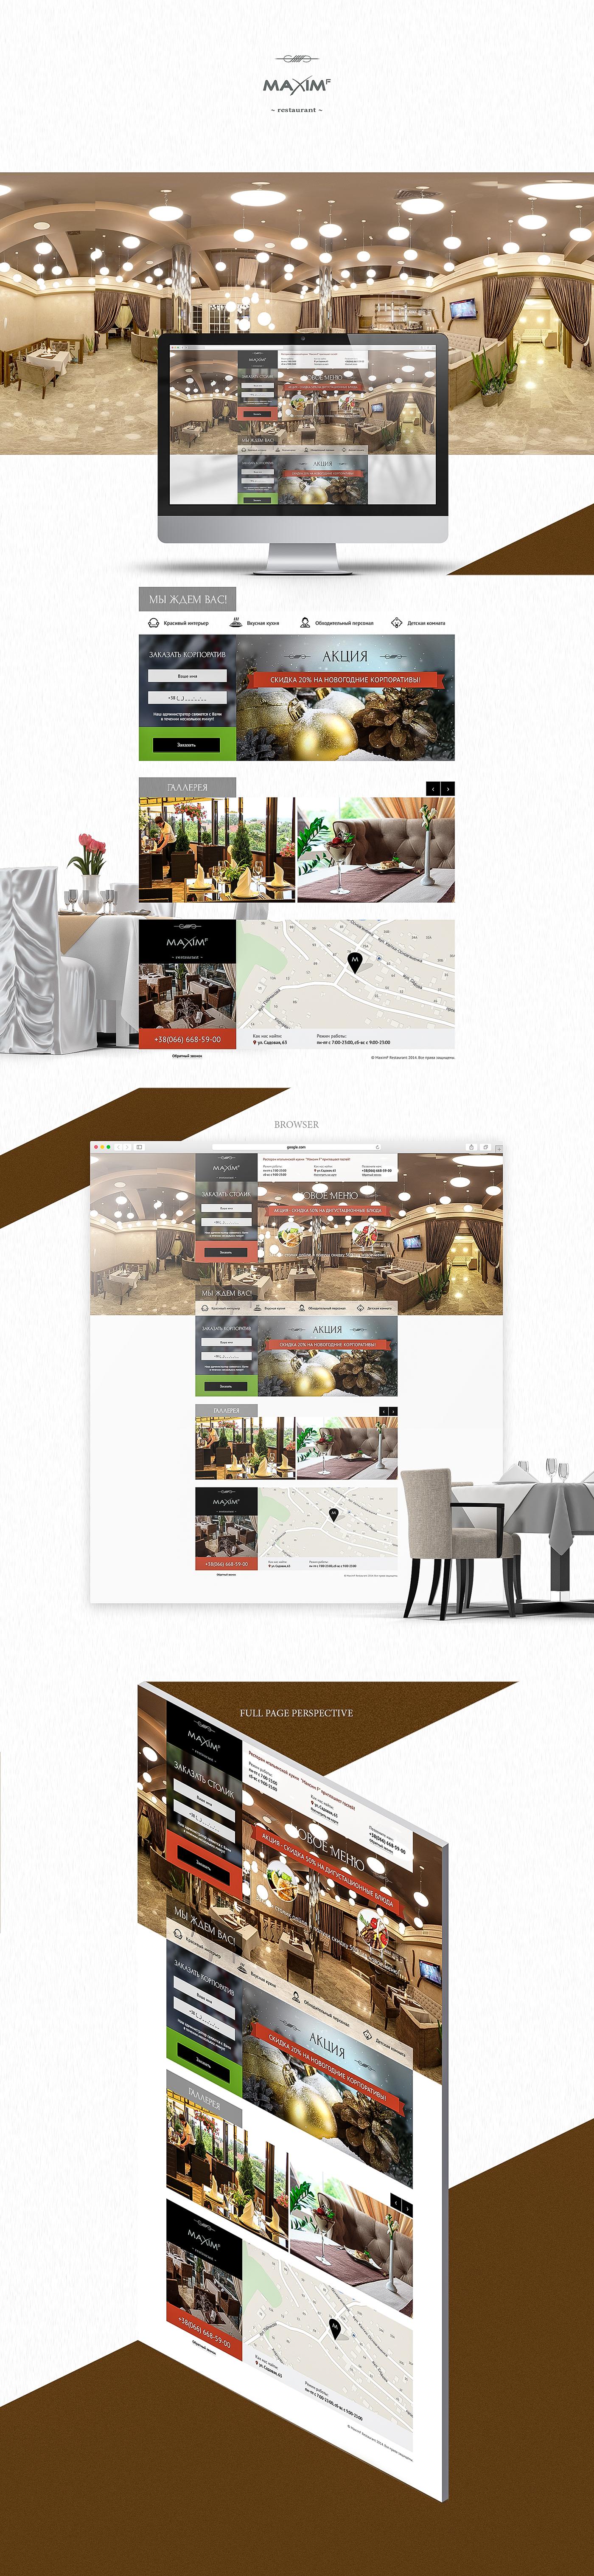 maxim restaurant Website Web Design